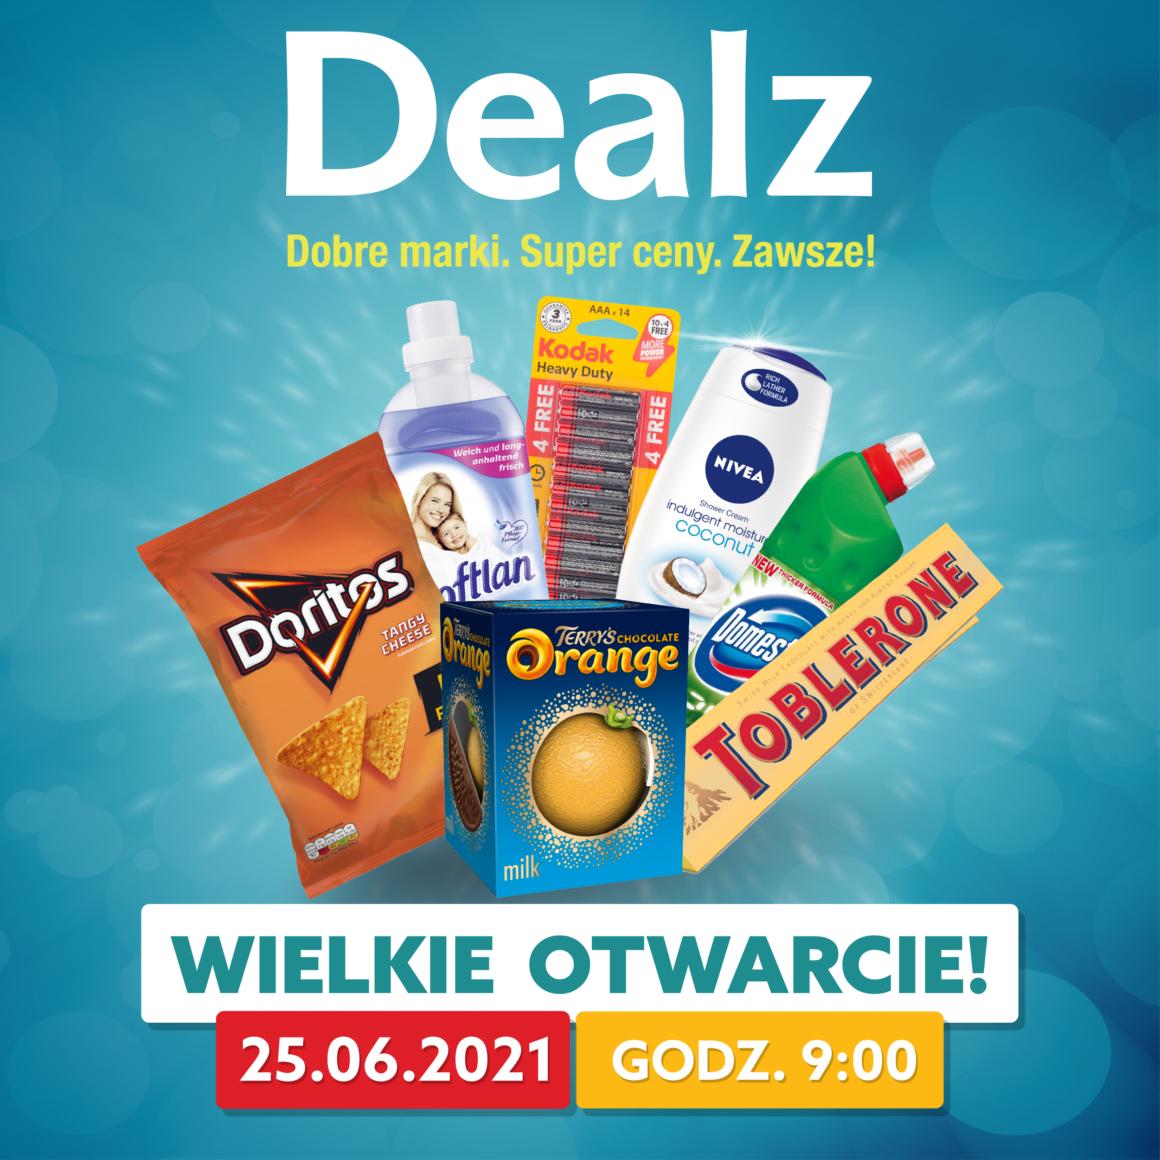 Wielkie otwarcie Delaz!